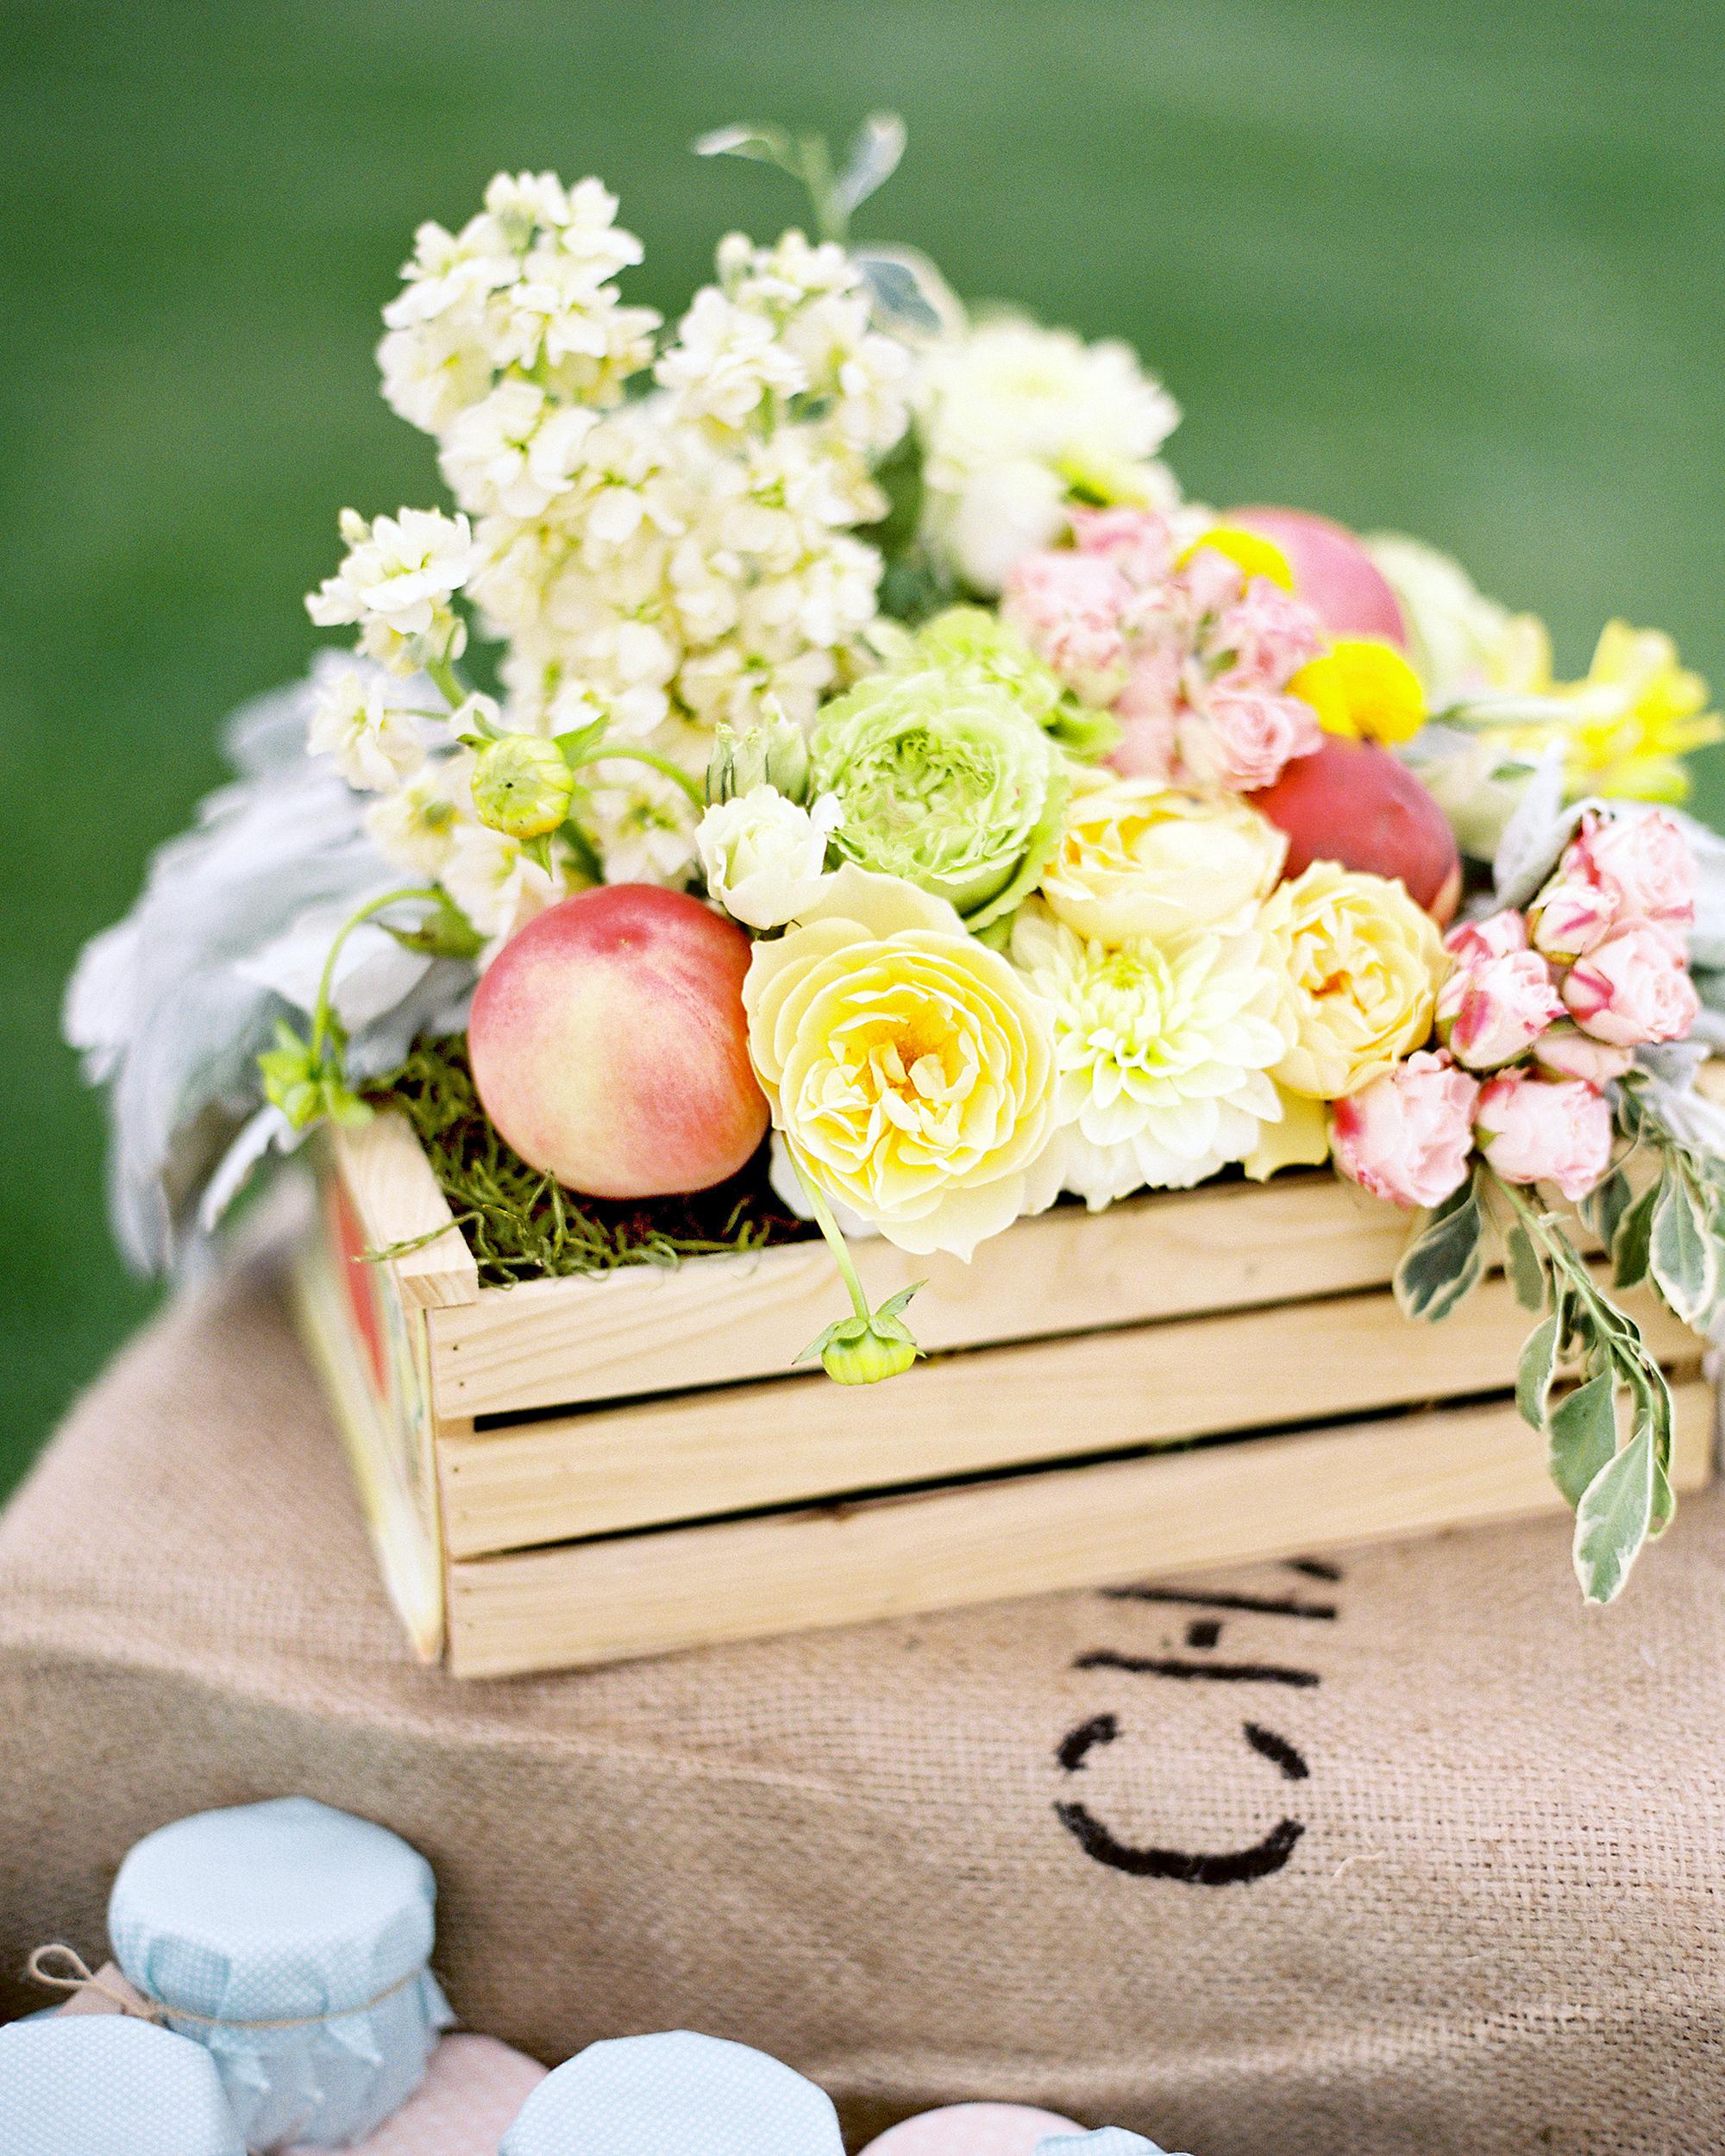 real-weddings-zoe-john-006755-R1-E023.jpg